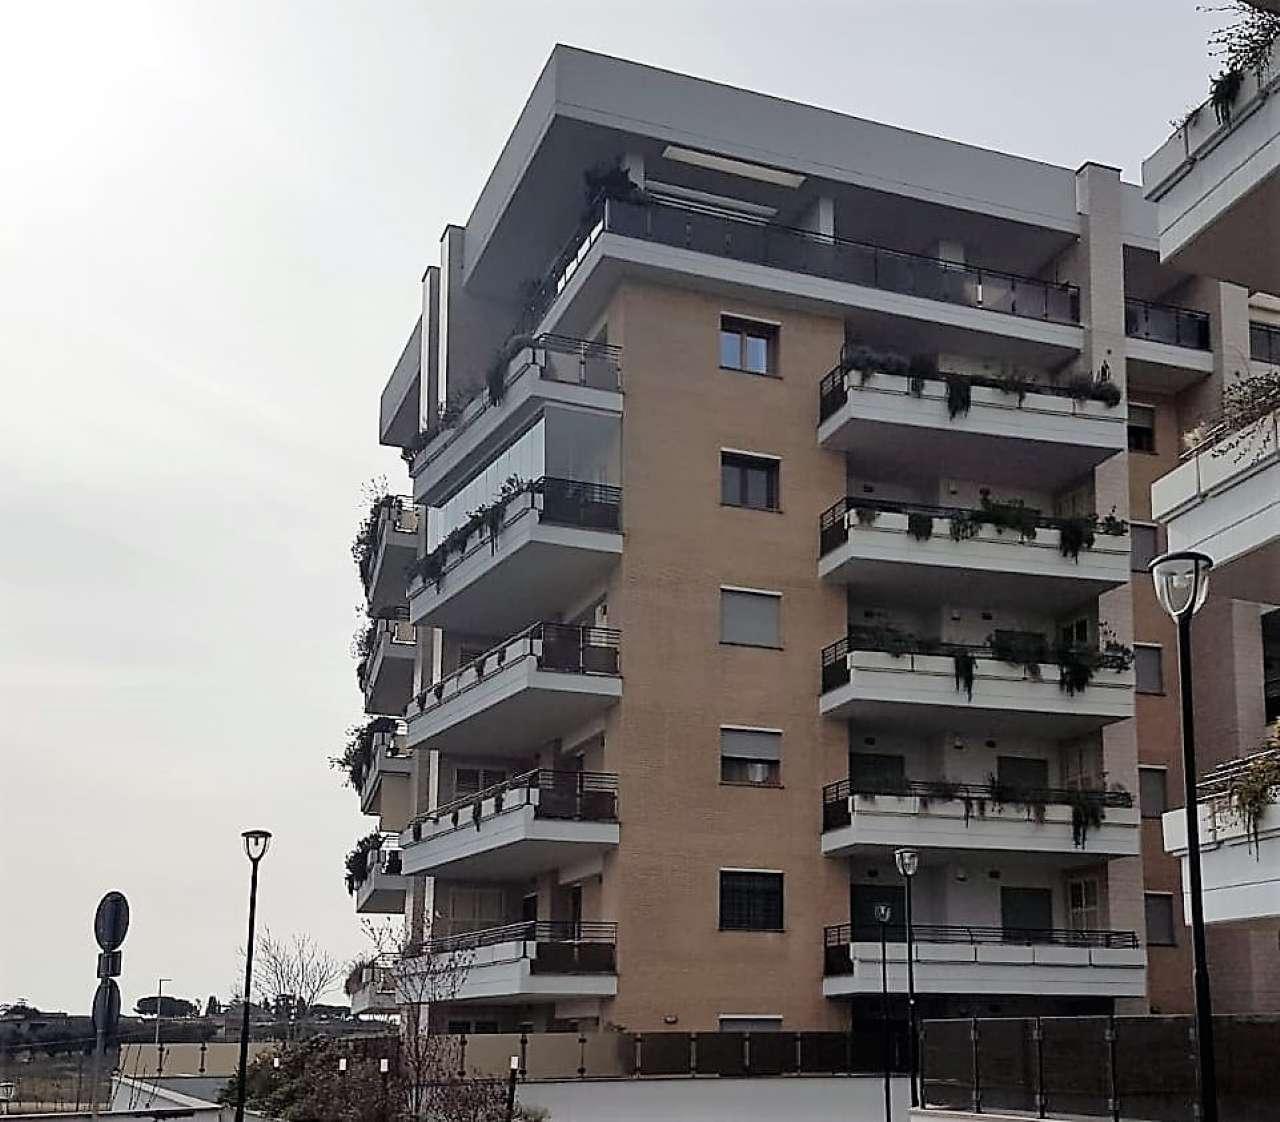 Appartamento in vendita a Roma, 3 locali, zona Zona: 18 . Ardeatino - Grotta Perfetta - Fonte Meravigliosa, prezzo € 330.000 | CambioCasa.it